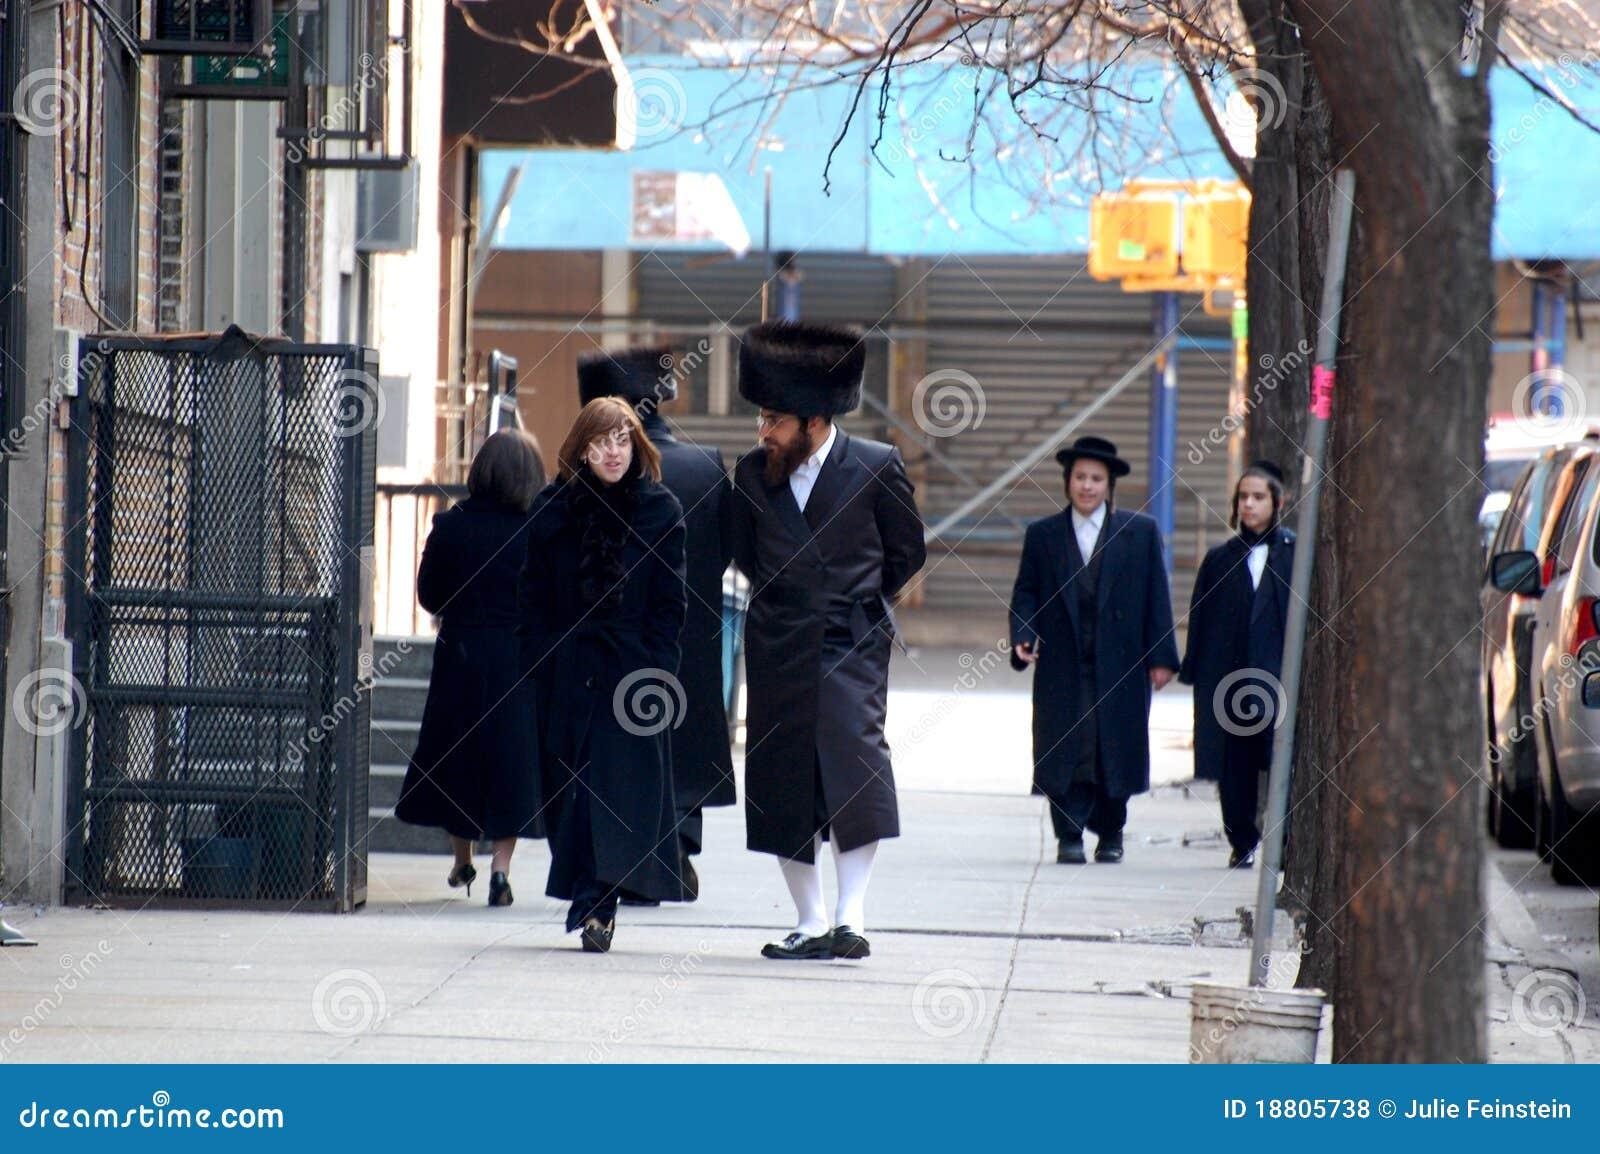 Jüdische New Yorker Im Traditionellen Kleid Redaktionelles Stockfoto ...